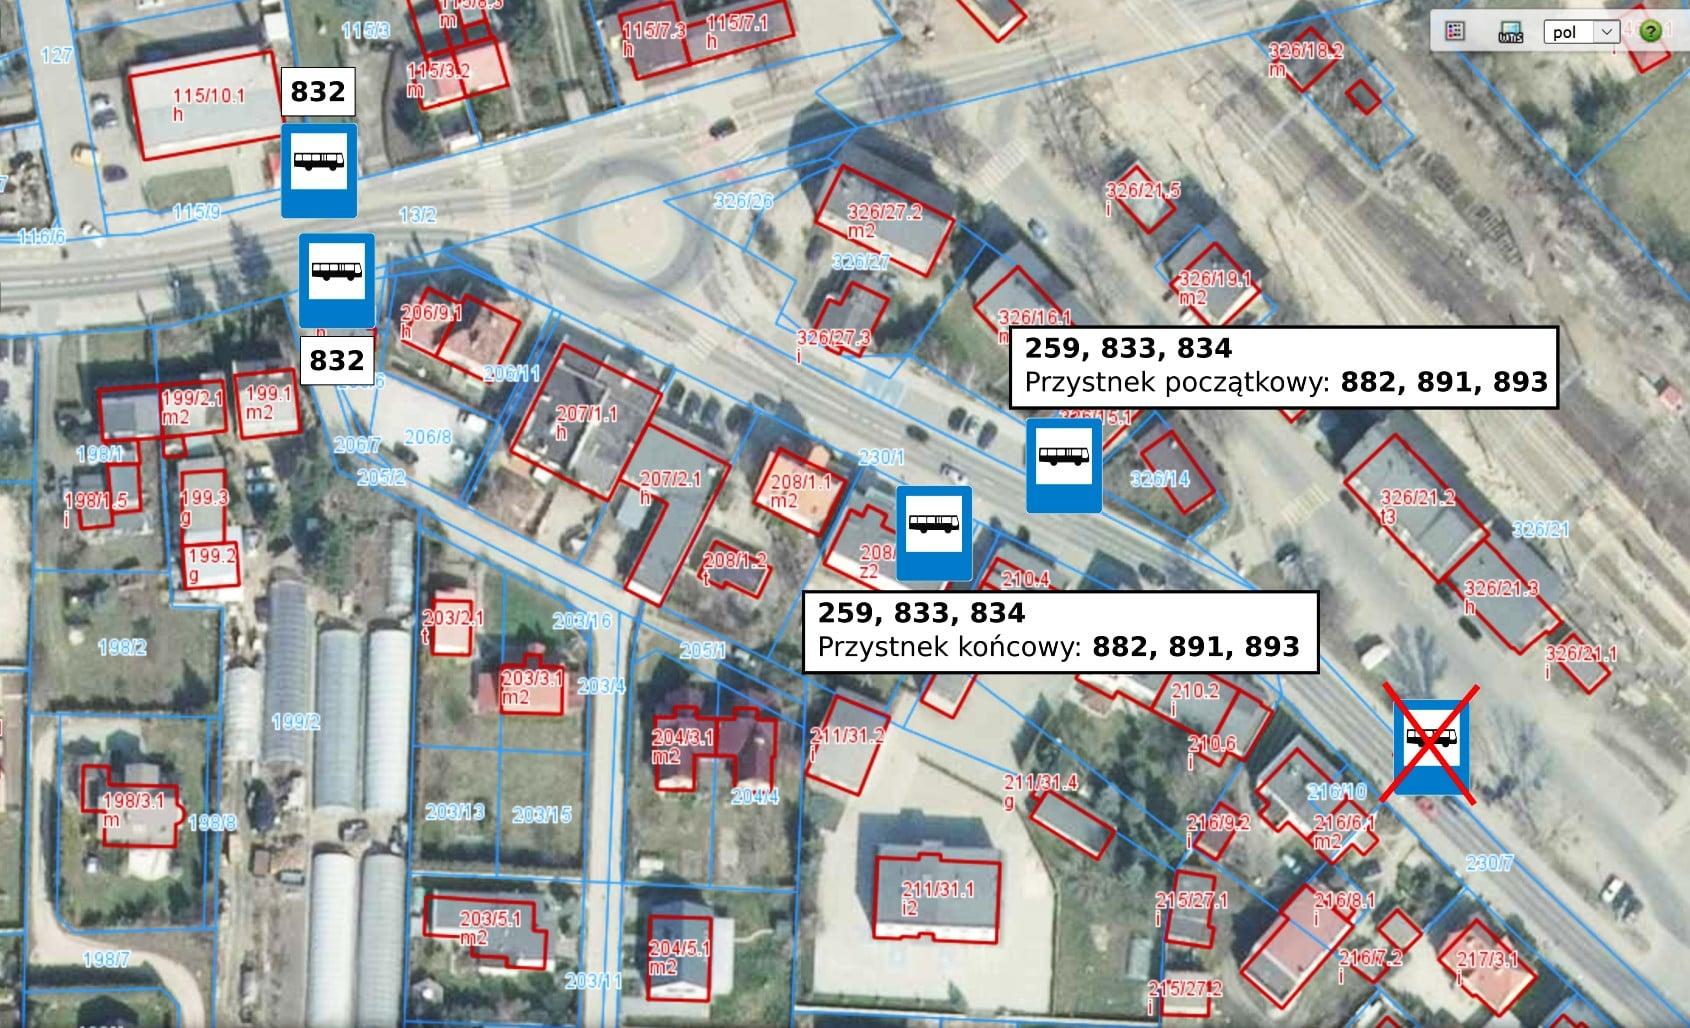 Na mapie tymczasowe lokalizacje przystanków Rokietnica Stacja dla linii autobusowych 832, 891, 893, 882, 259. Dookoła budynki z oznaczonymi numerami działek.